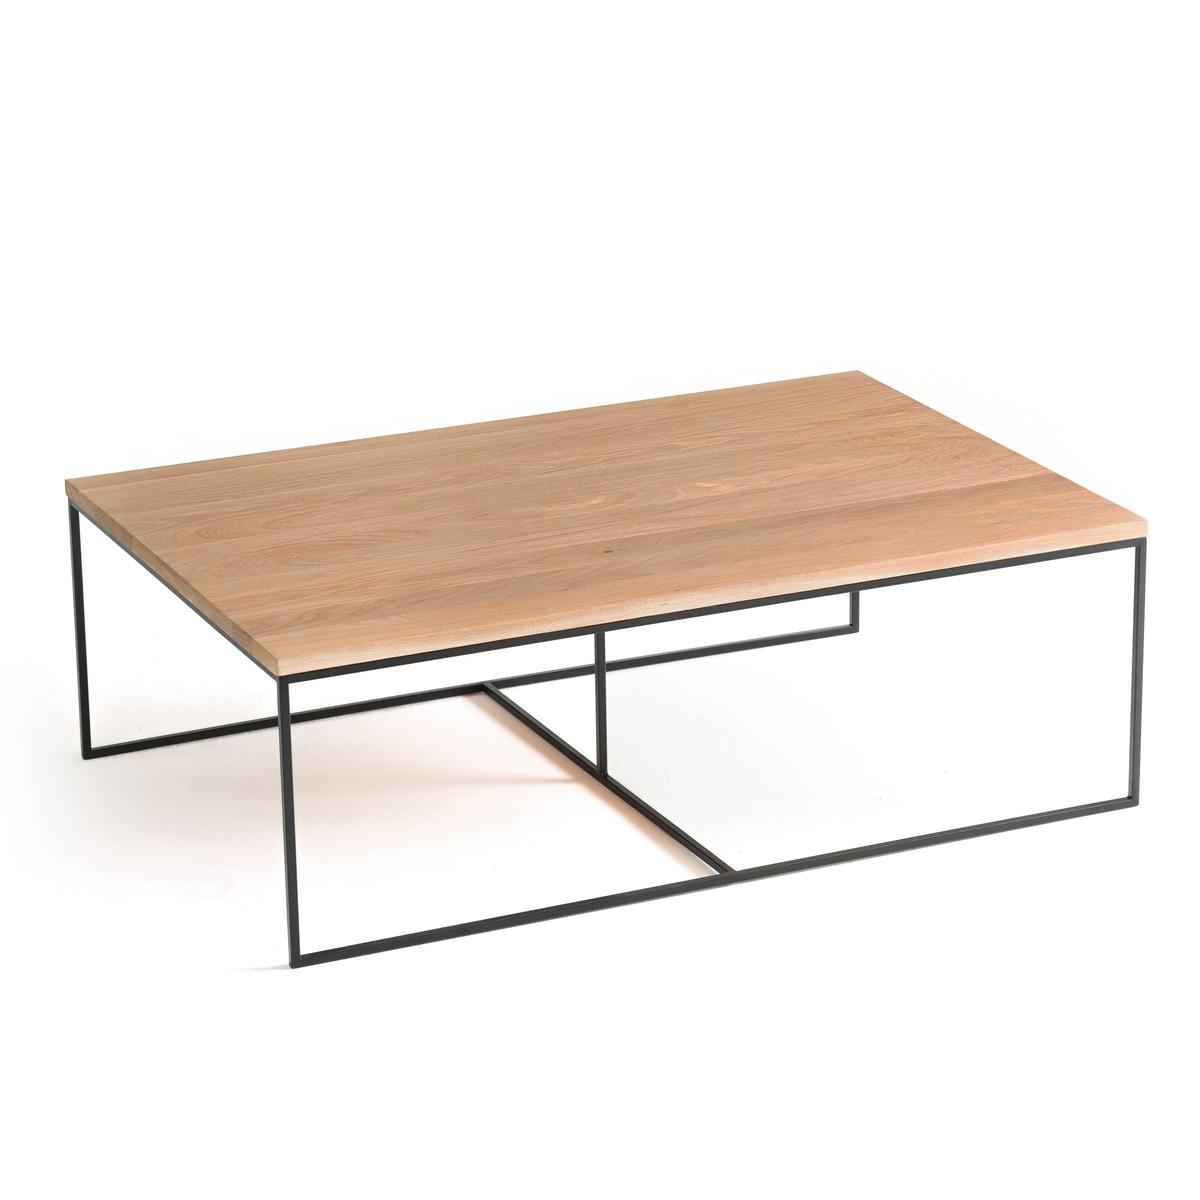 Стол журнальный из дуба Auralda, большой размер стол журнальный auralda маленький